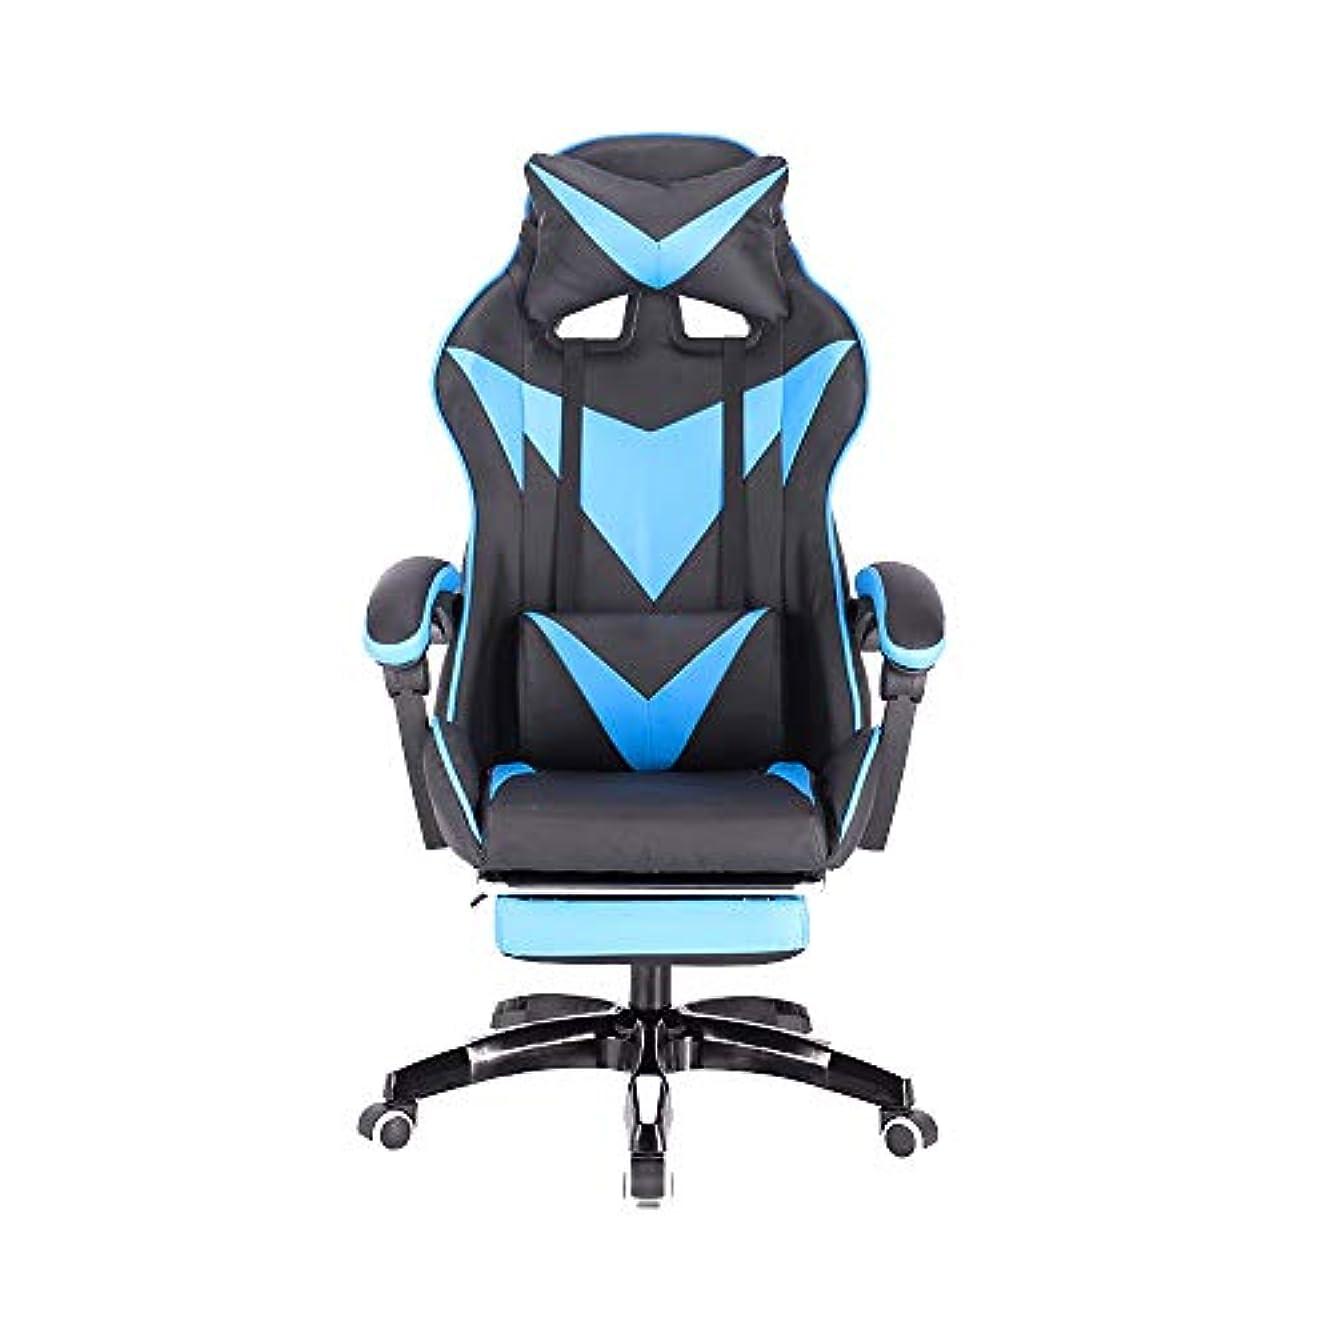 椅子エロチック回転チェア ゲーミングチェア、フットレスト付きコンピュータチェアロータリーリフトマッサージ家庭用リクライニングレイジーオフィスチェアエグゼクティブチェア、ヘッドレストおよびランバーサポート付き (色 : 青)